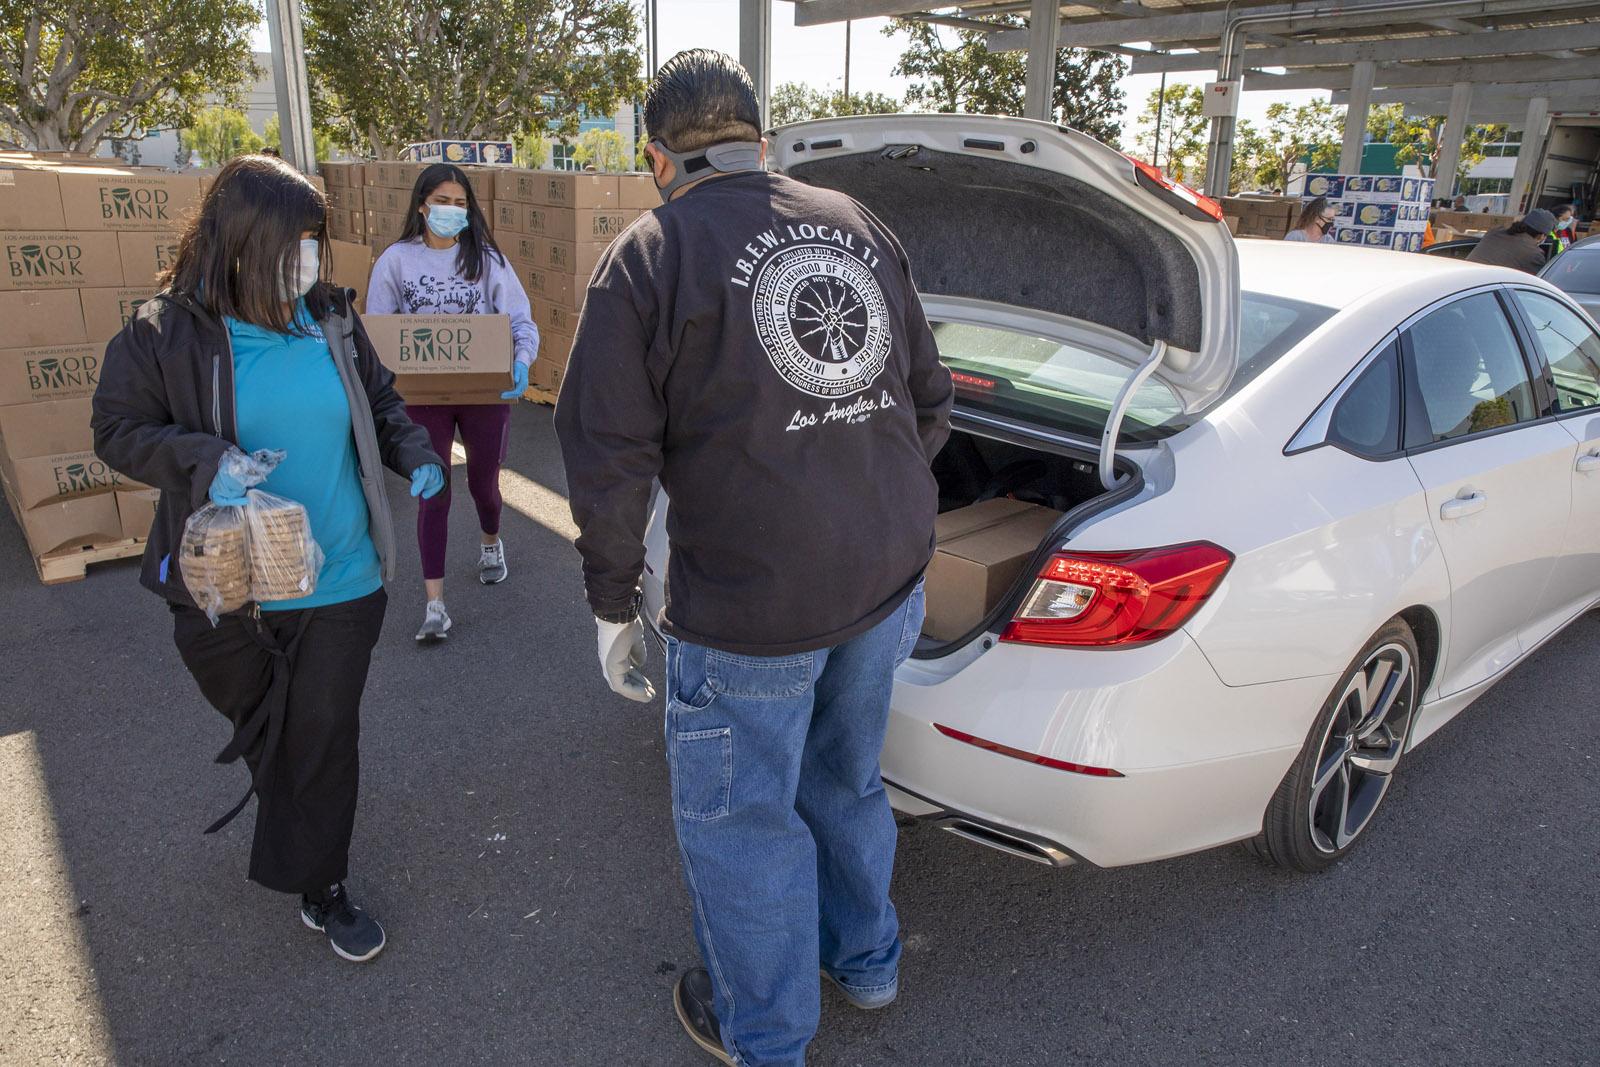 Người dân đến các trạm phân phối thực phẩm để nhận hỗ trợ trong đại dịch Covid-19.